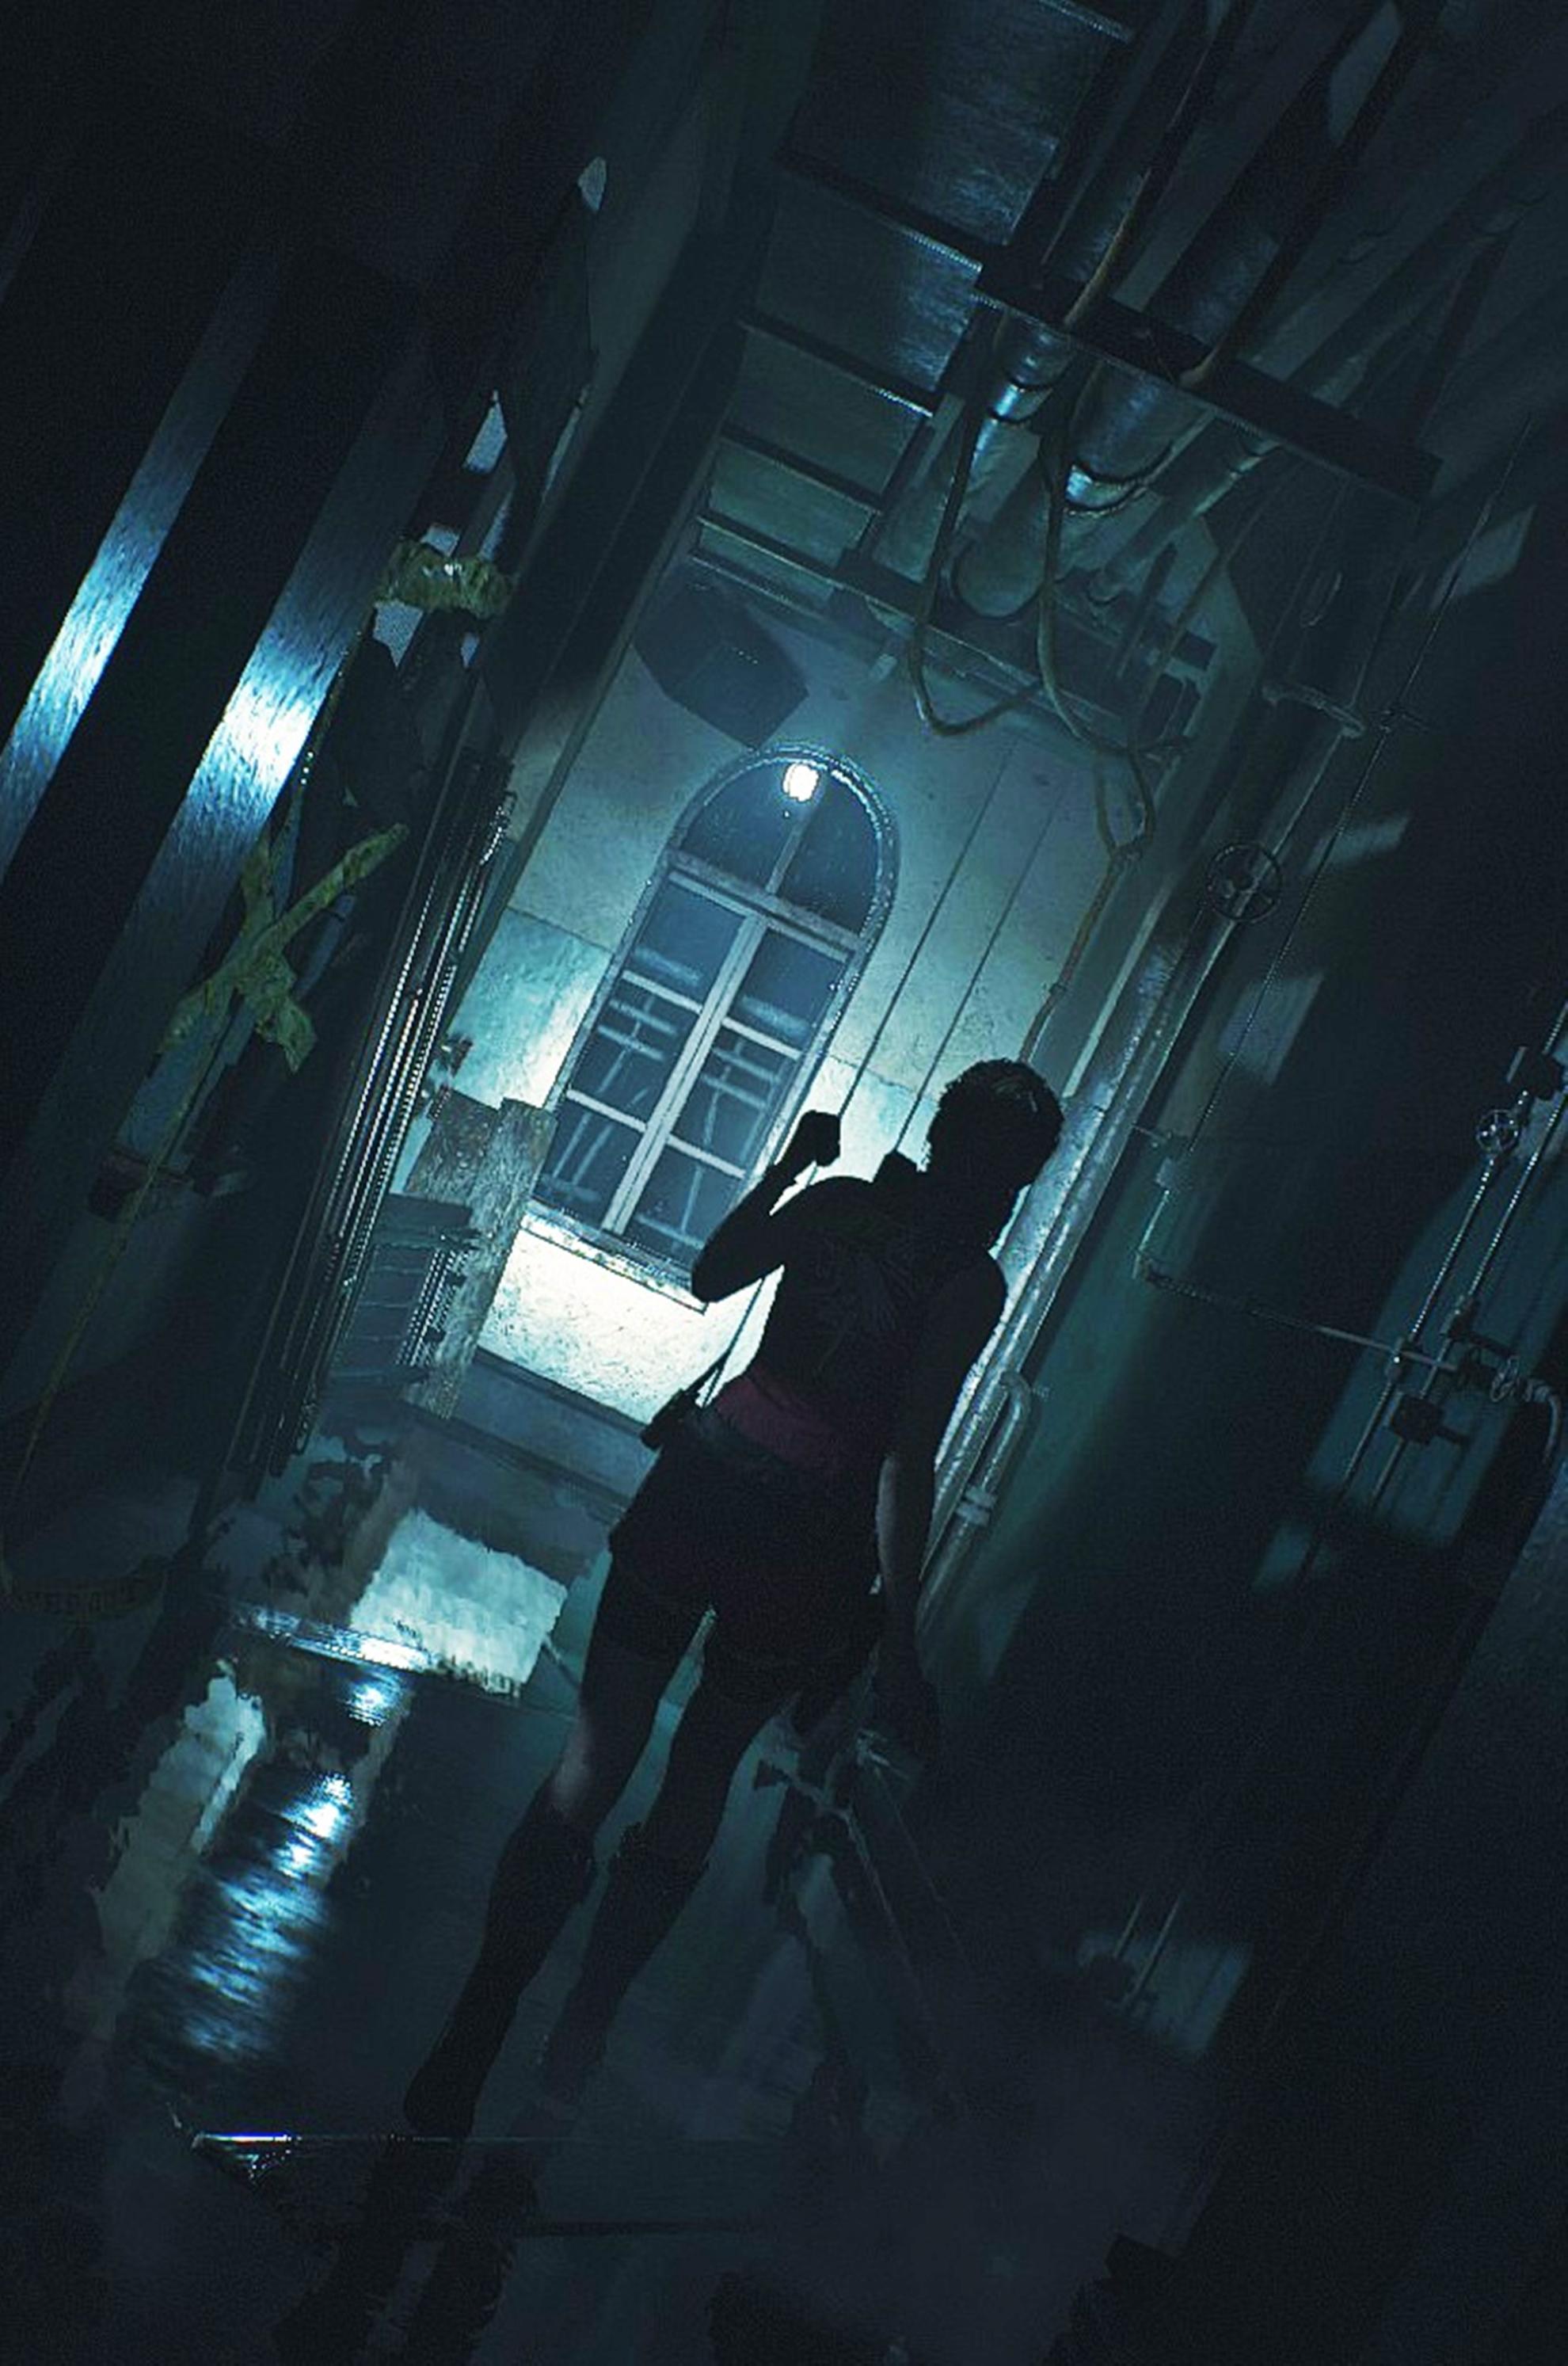 RESIDENT EVIL 2 / BIOHAZARD RE:2 скриншот - Resident Evil 2